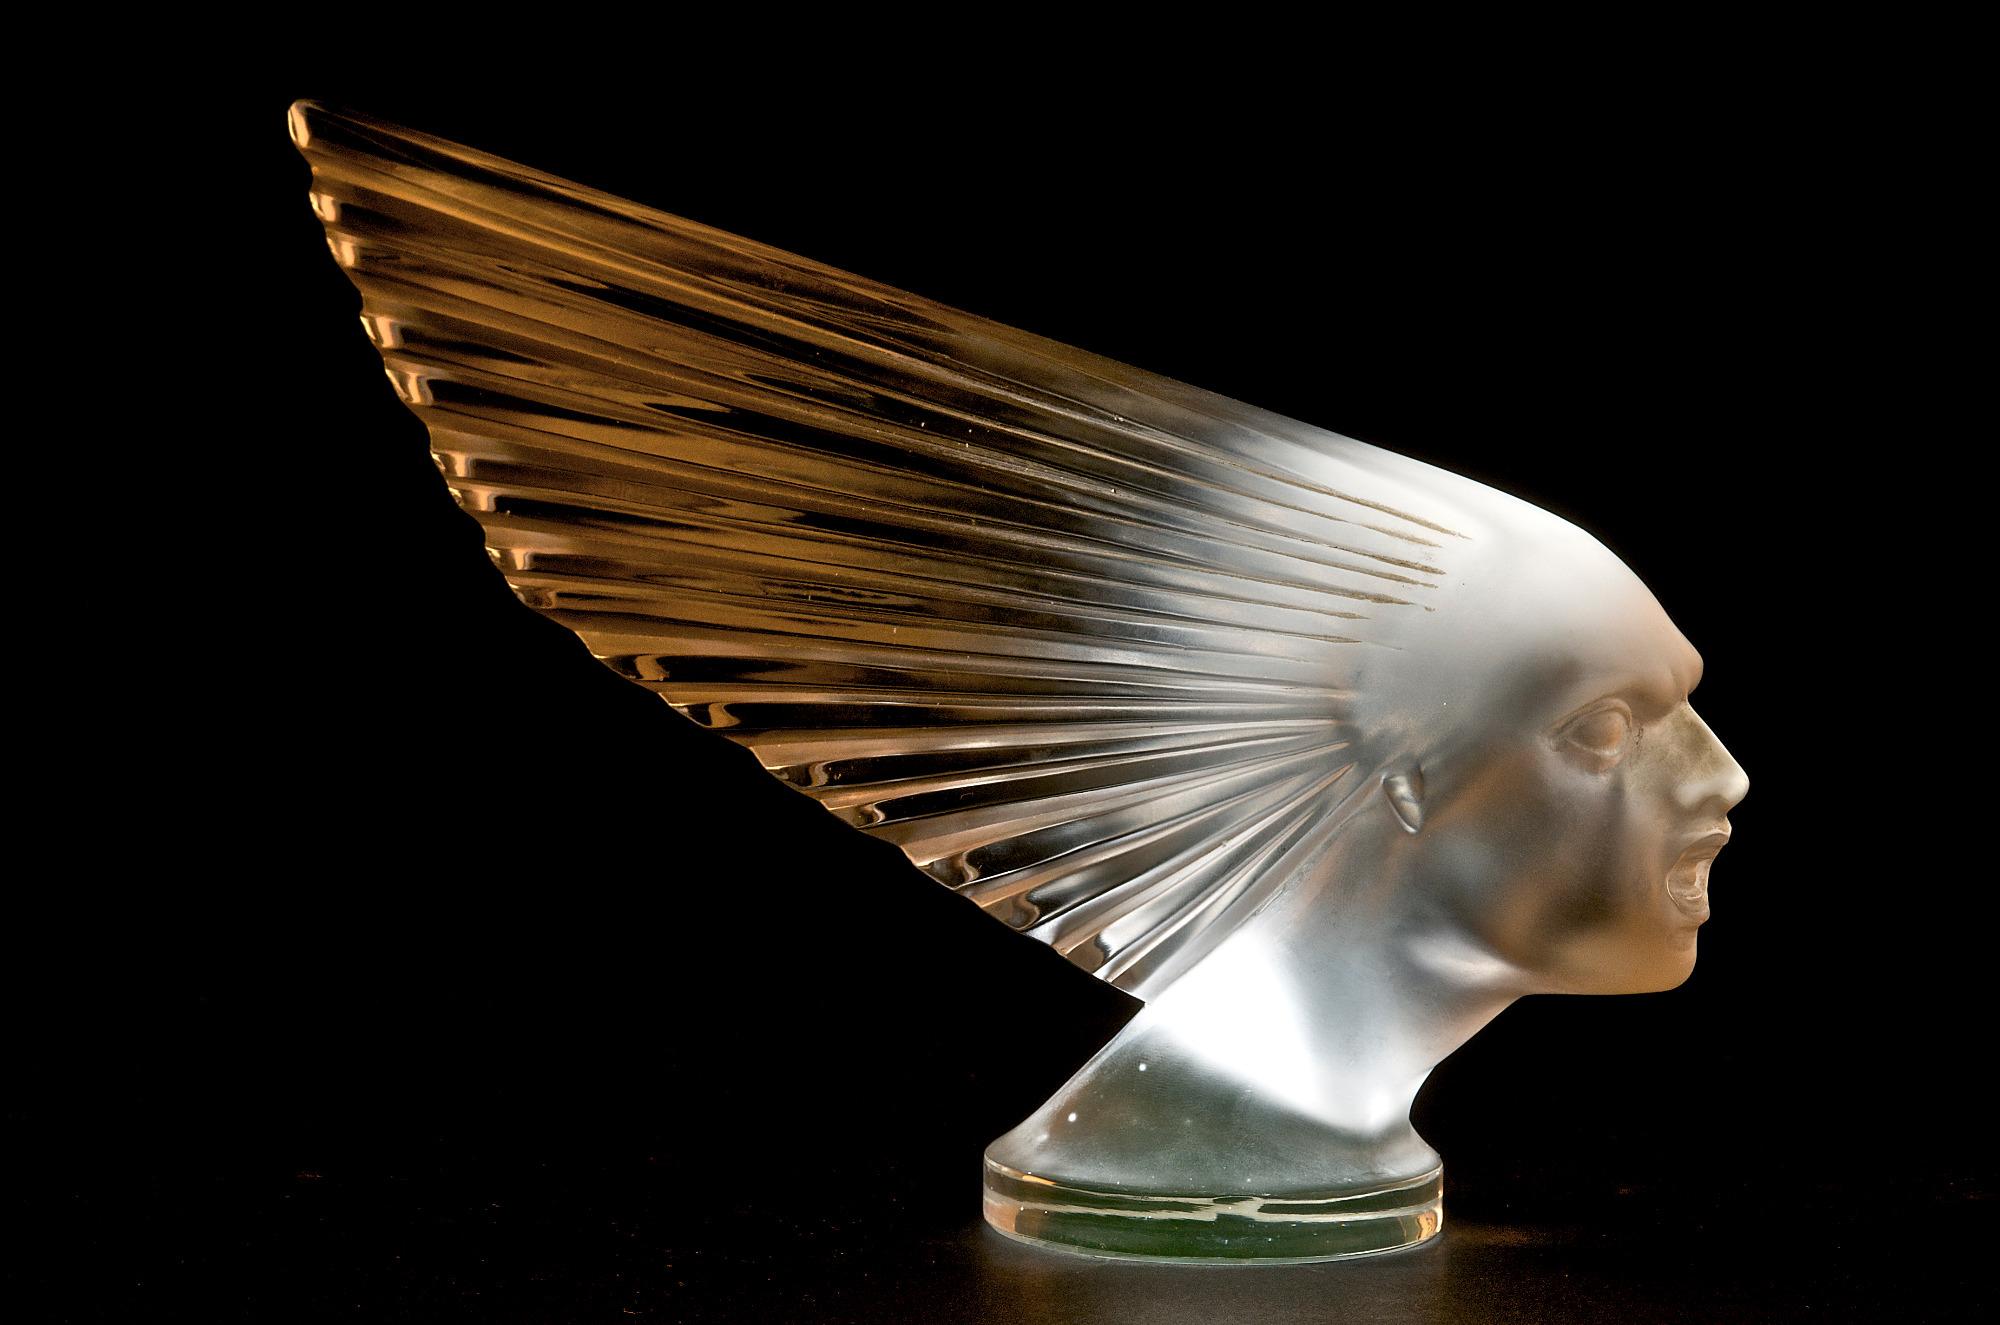 Bouchon-de-radiateur-Victoire-1928--A.-Small-Collection-John-Nemeth-copie.jpg